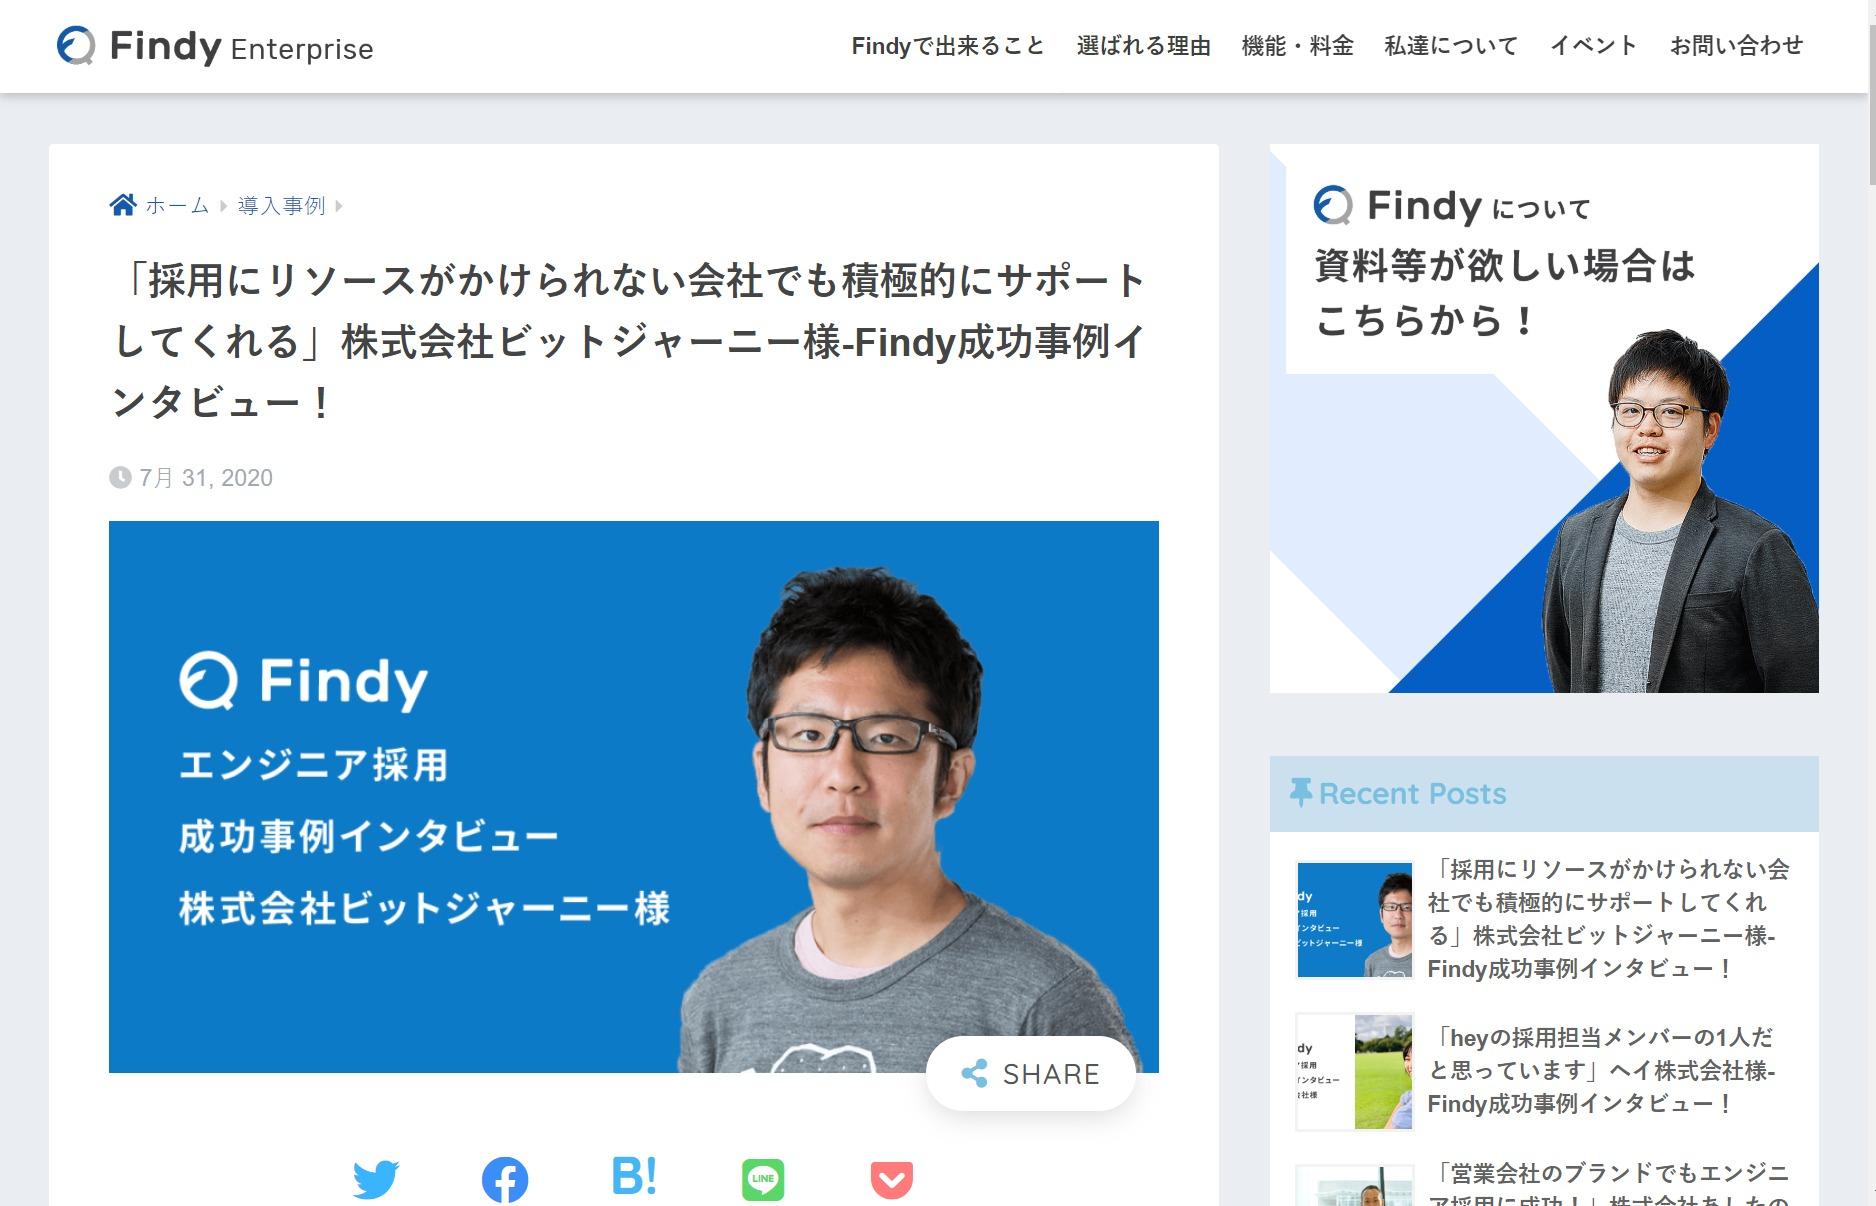 「採用にリソースがかけられない会社でも積極的にサポートしてくれる」株式会社ビットジャーニー様-Findy成功事例インタビュー!